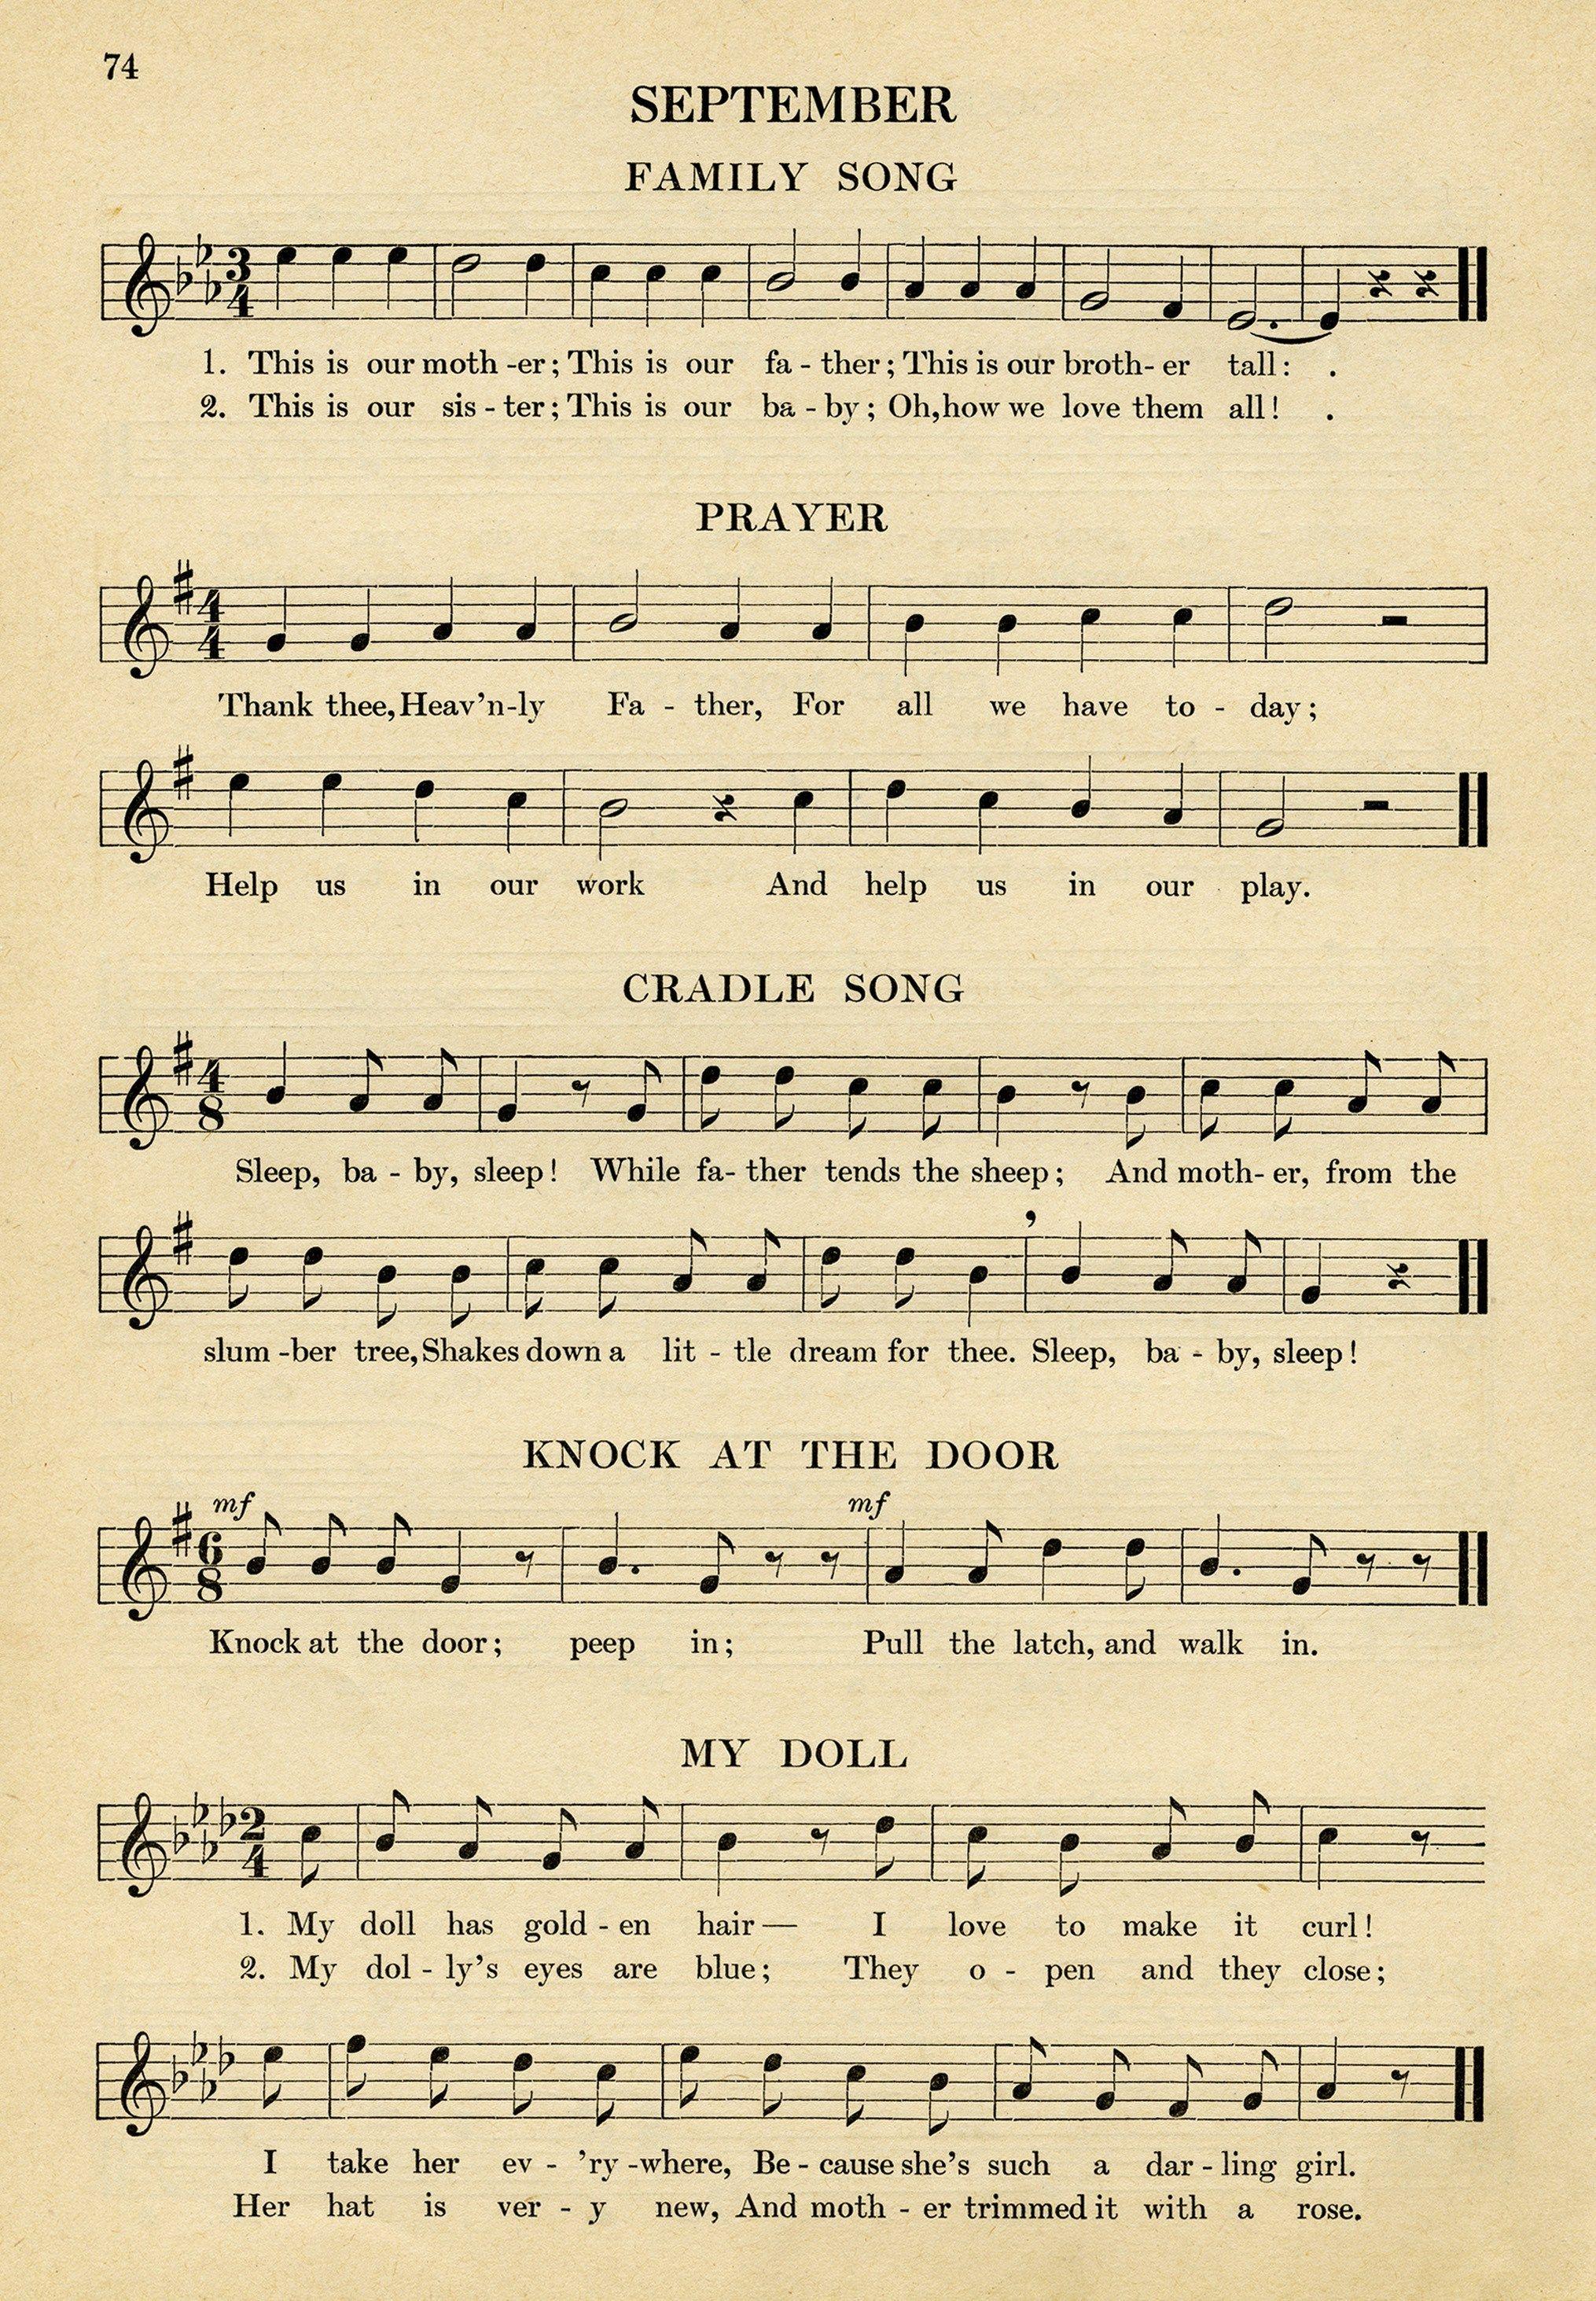 Vintage Sheet Music Songs For September Kindergarten Music Simple Songs For Children Old